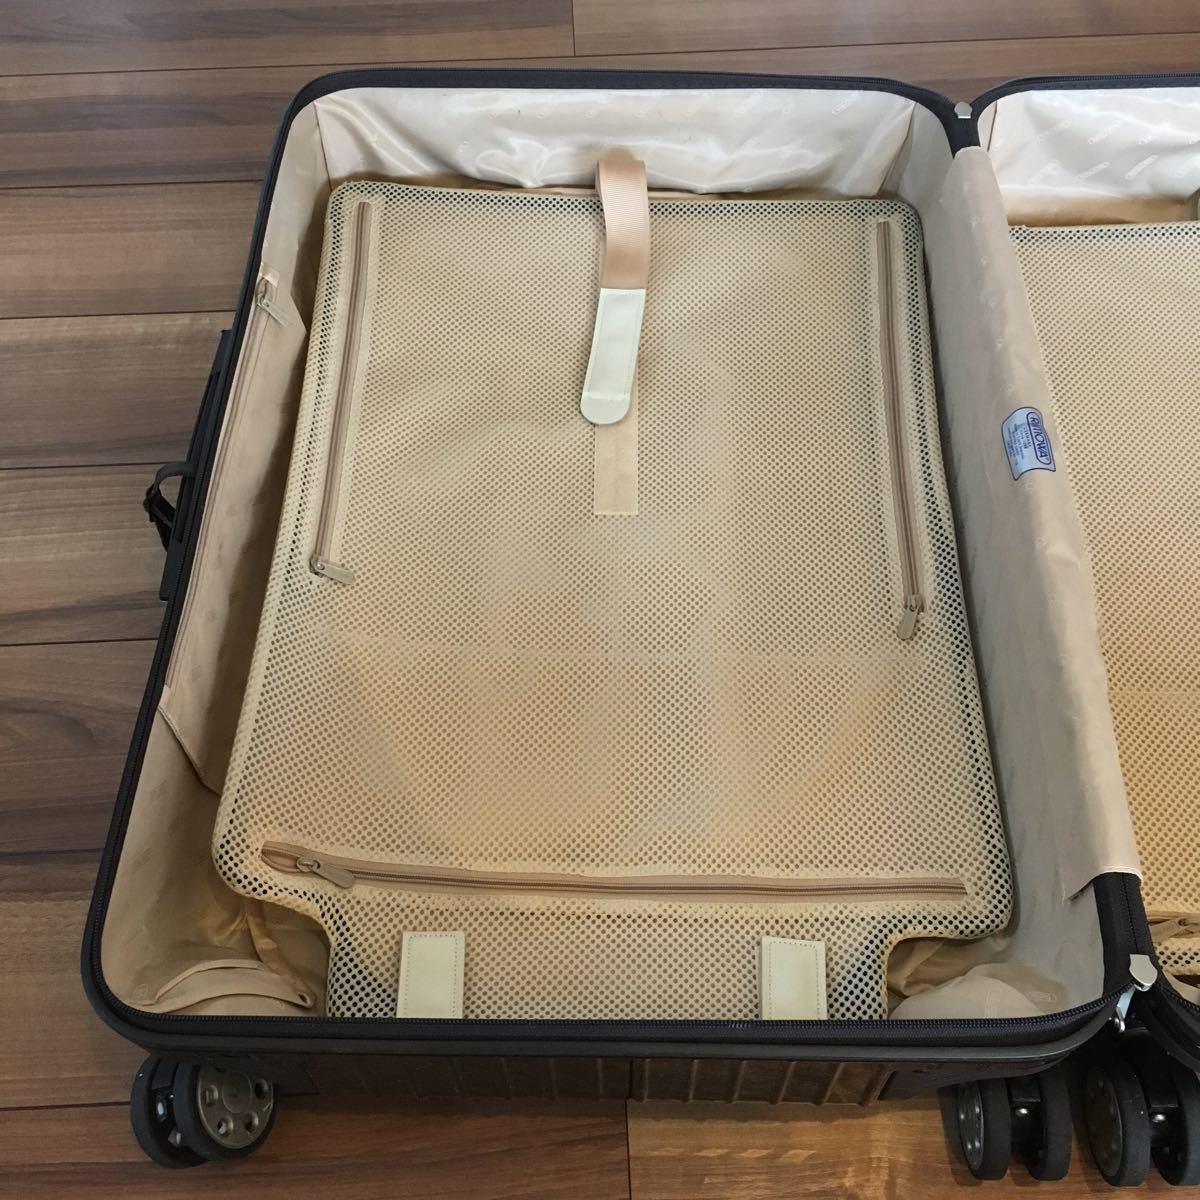 中古 RIMOWAリモワ サルサ デラックス 87L SALSA DELUXE キャリーバック スーツケース ブラウン 機内持ち込み不可 新型 TSA有 4輪 ゼロハリ_画像7